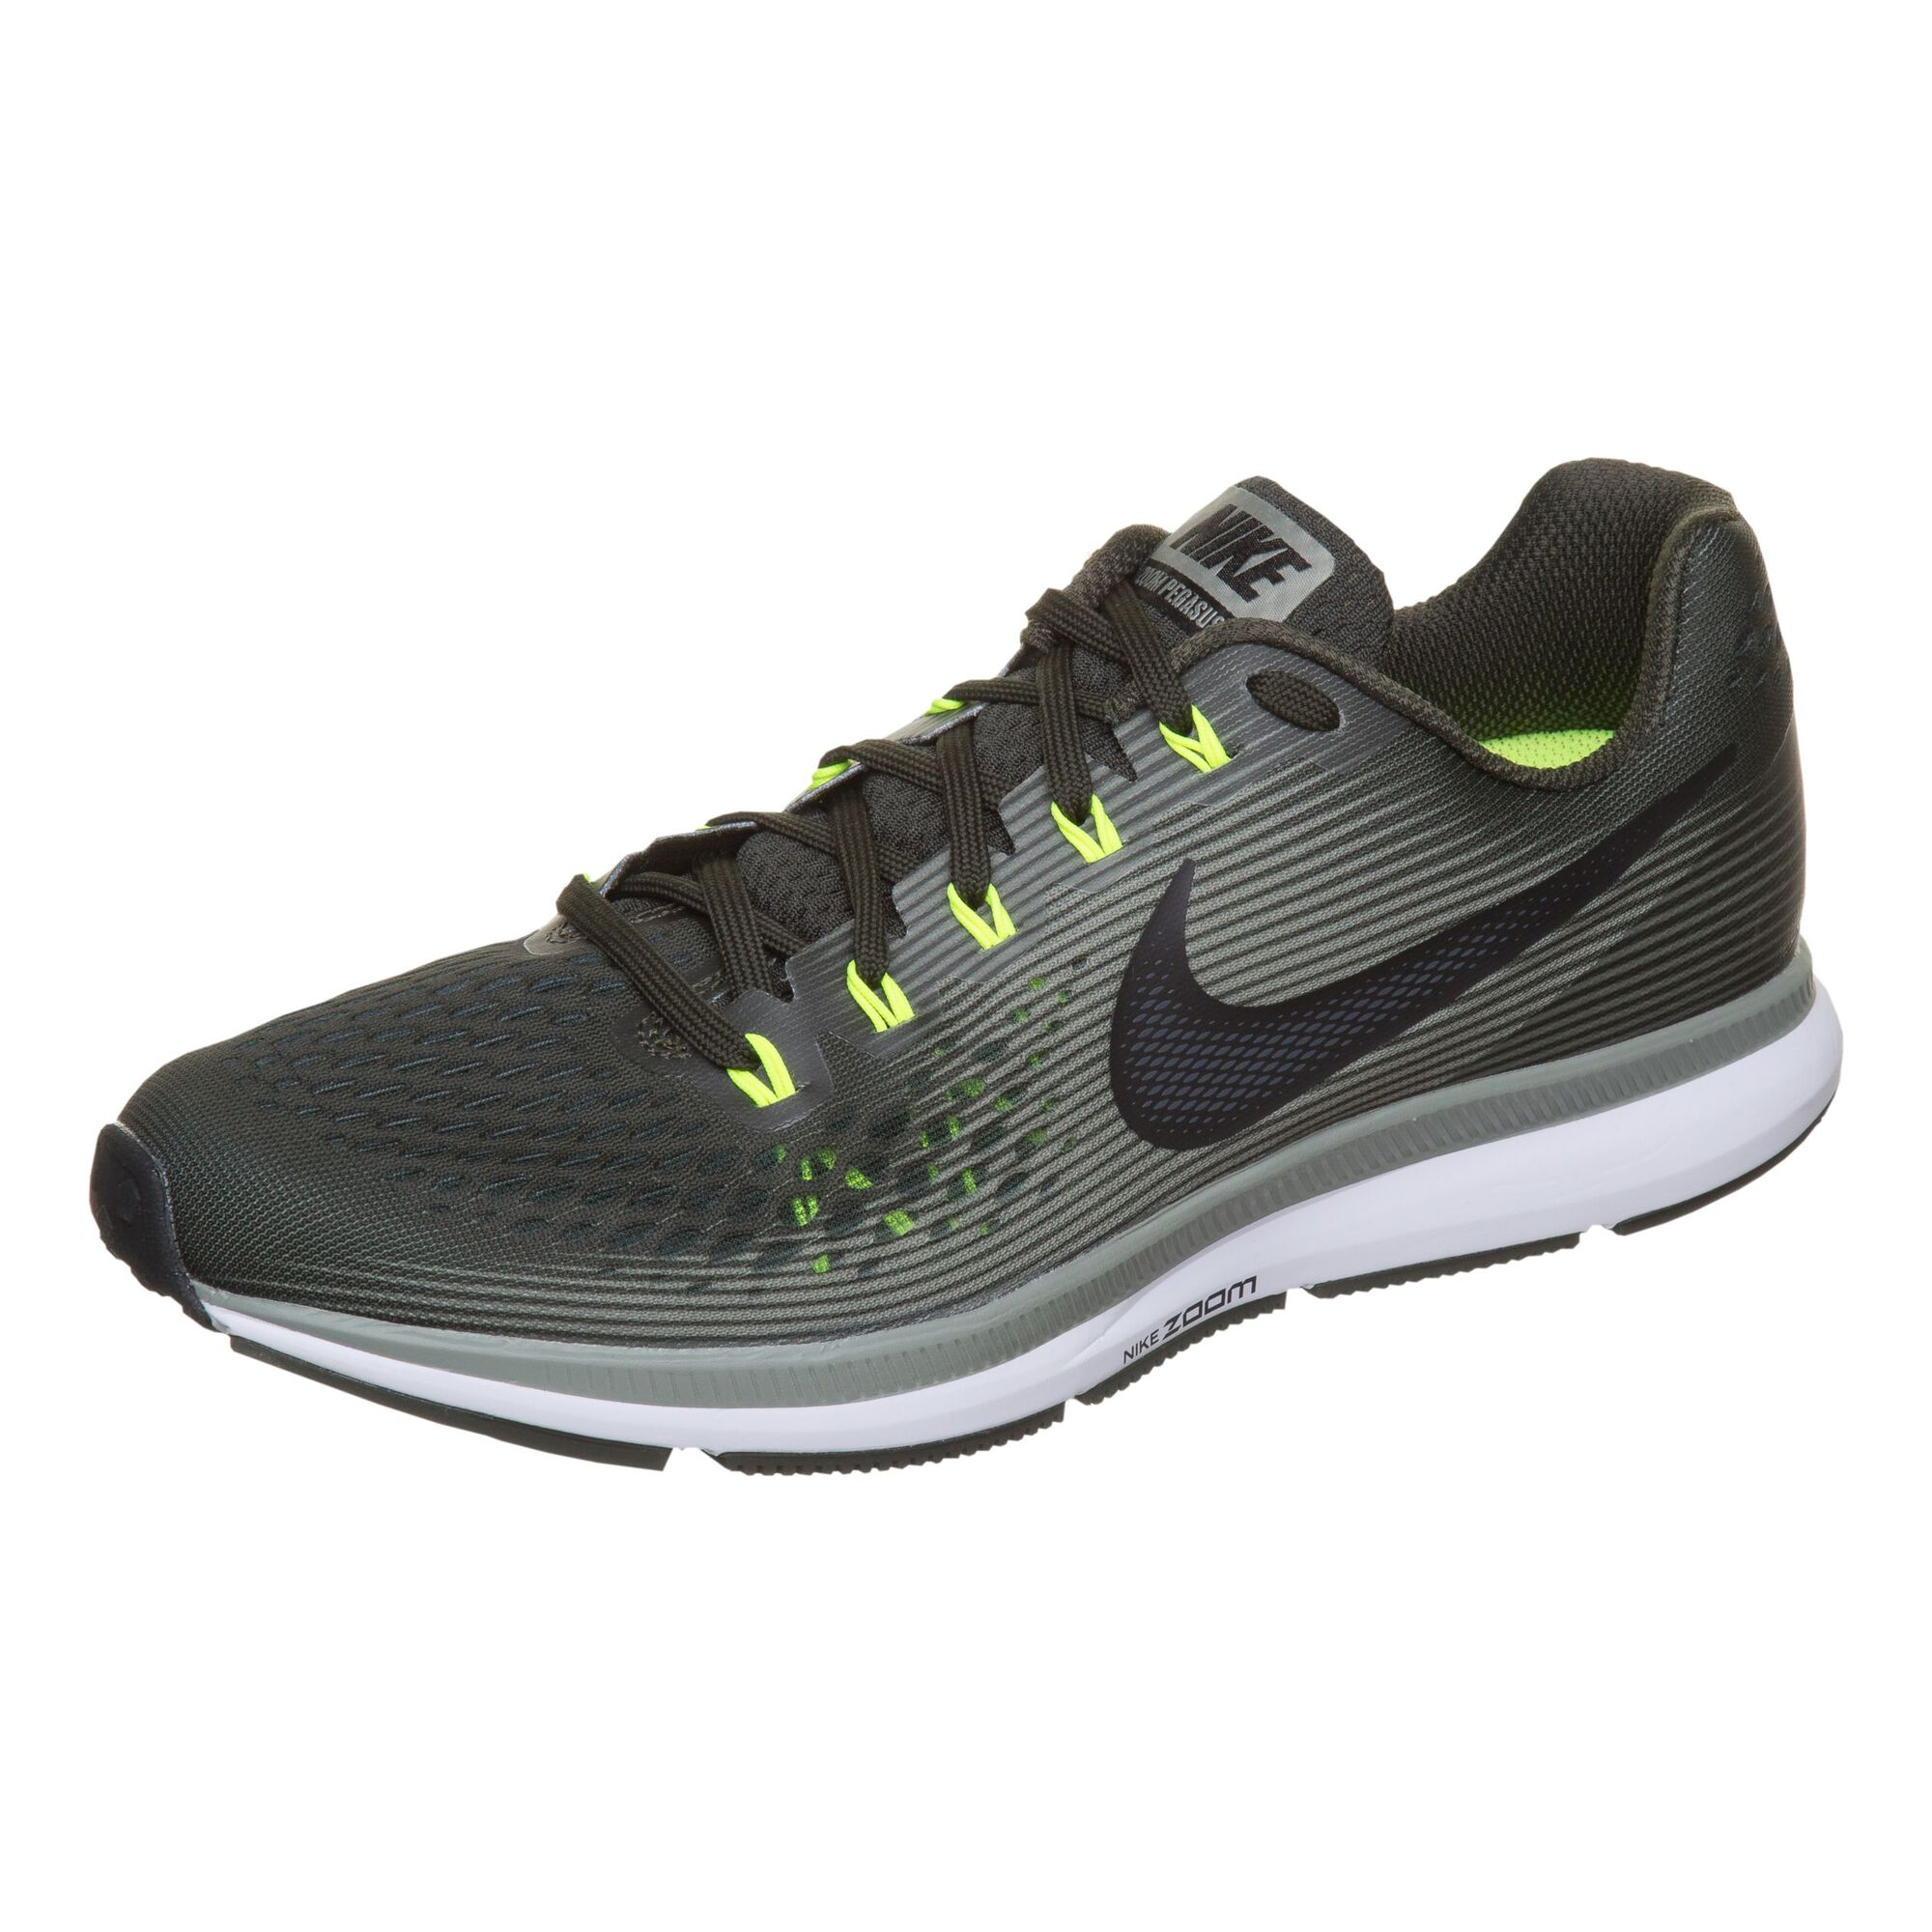 003869bd8599f Nike  Nike  Nike  Nike  Nike  Nike  Nike  Nike  Nike  Nike. Air Zoom  Pegasus 34 Men ...